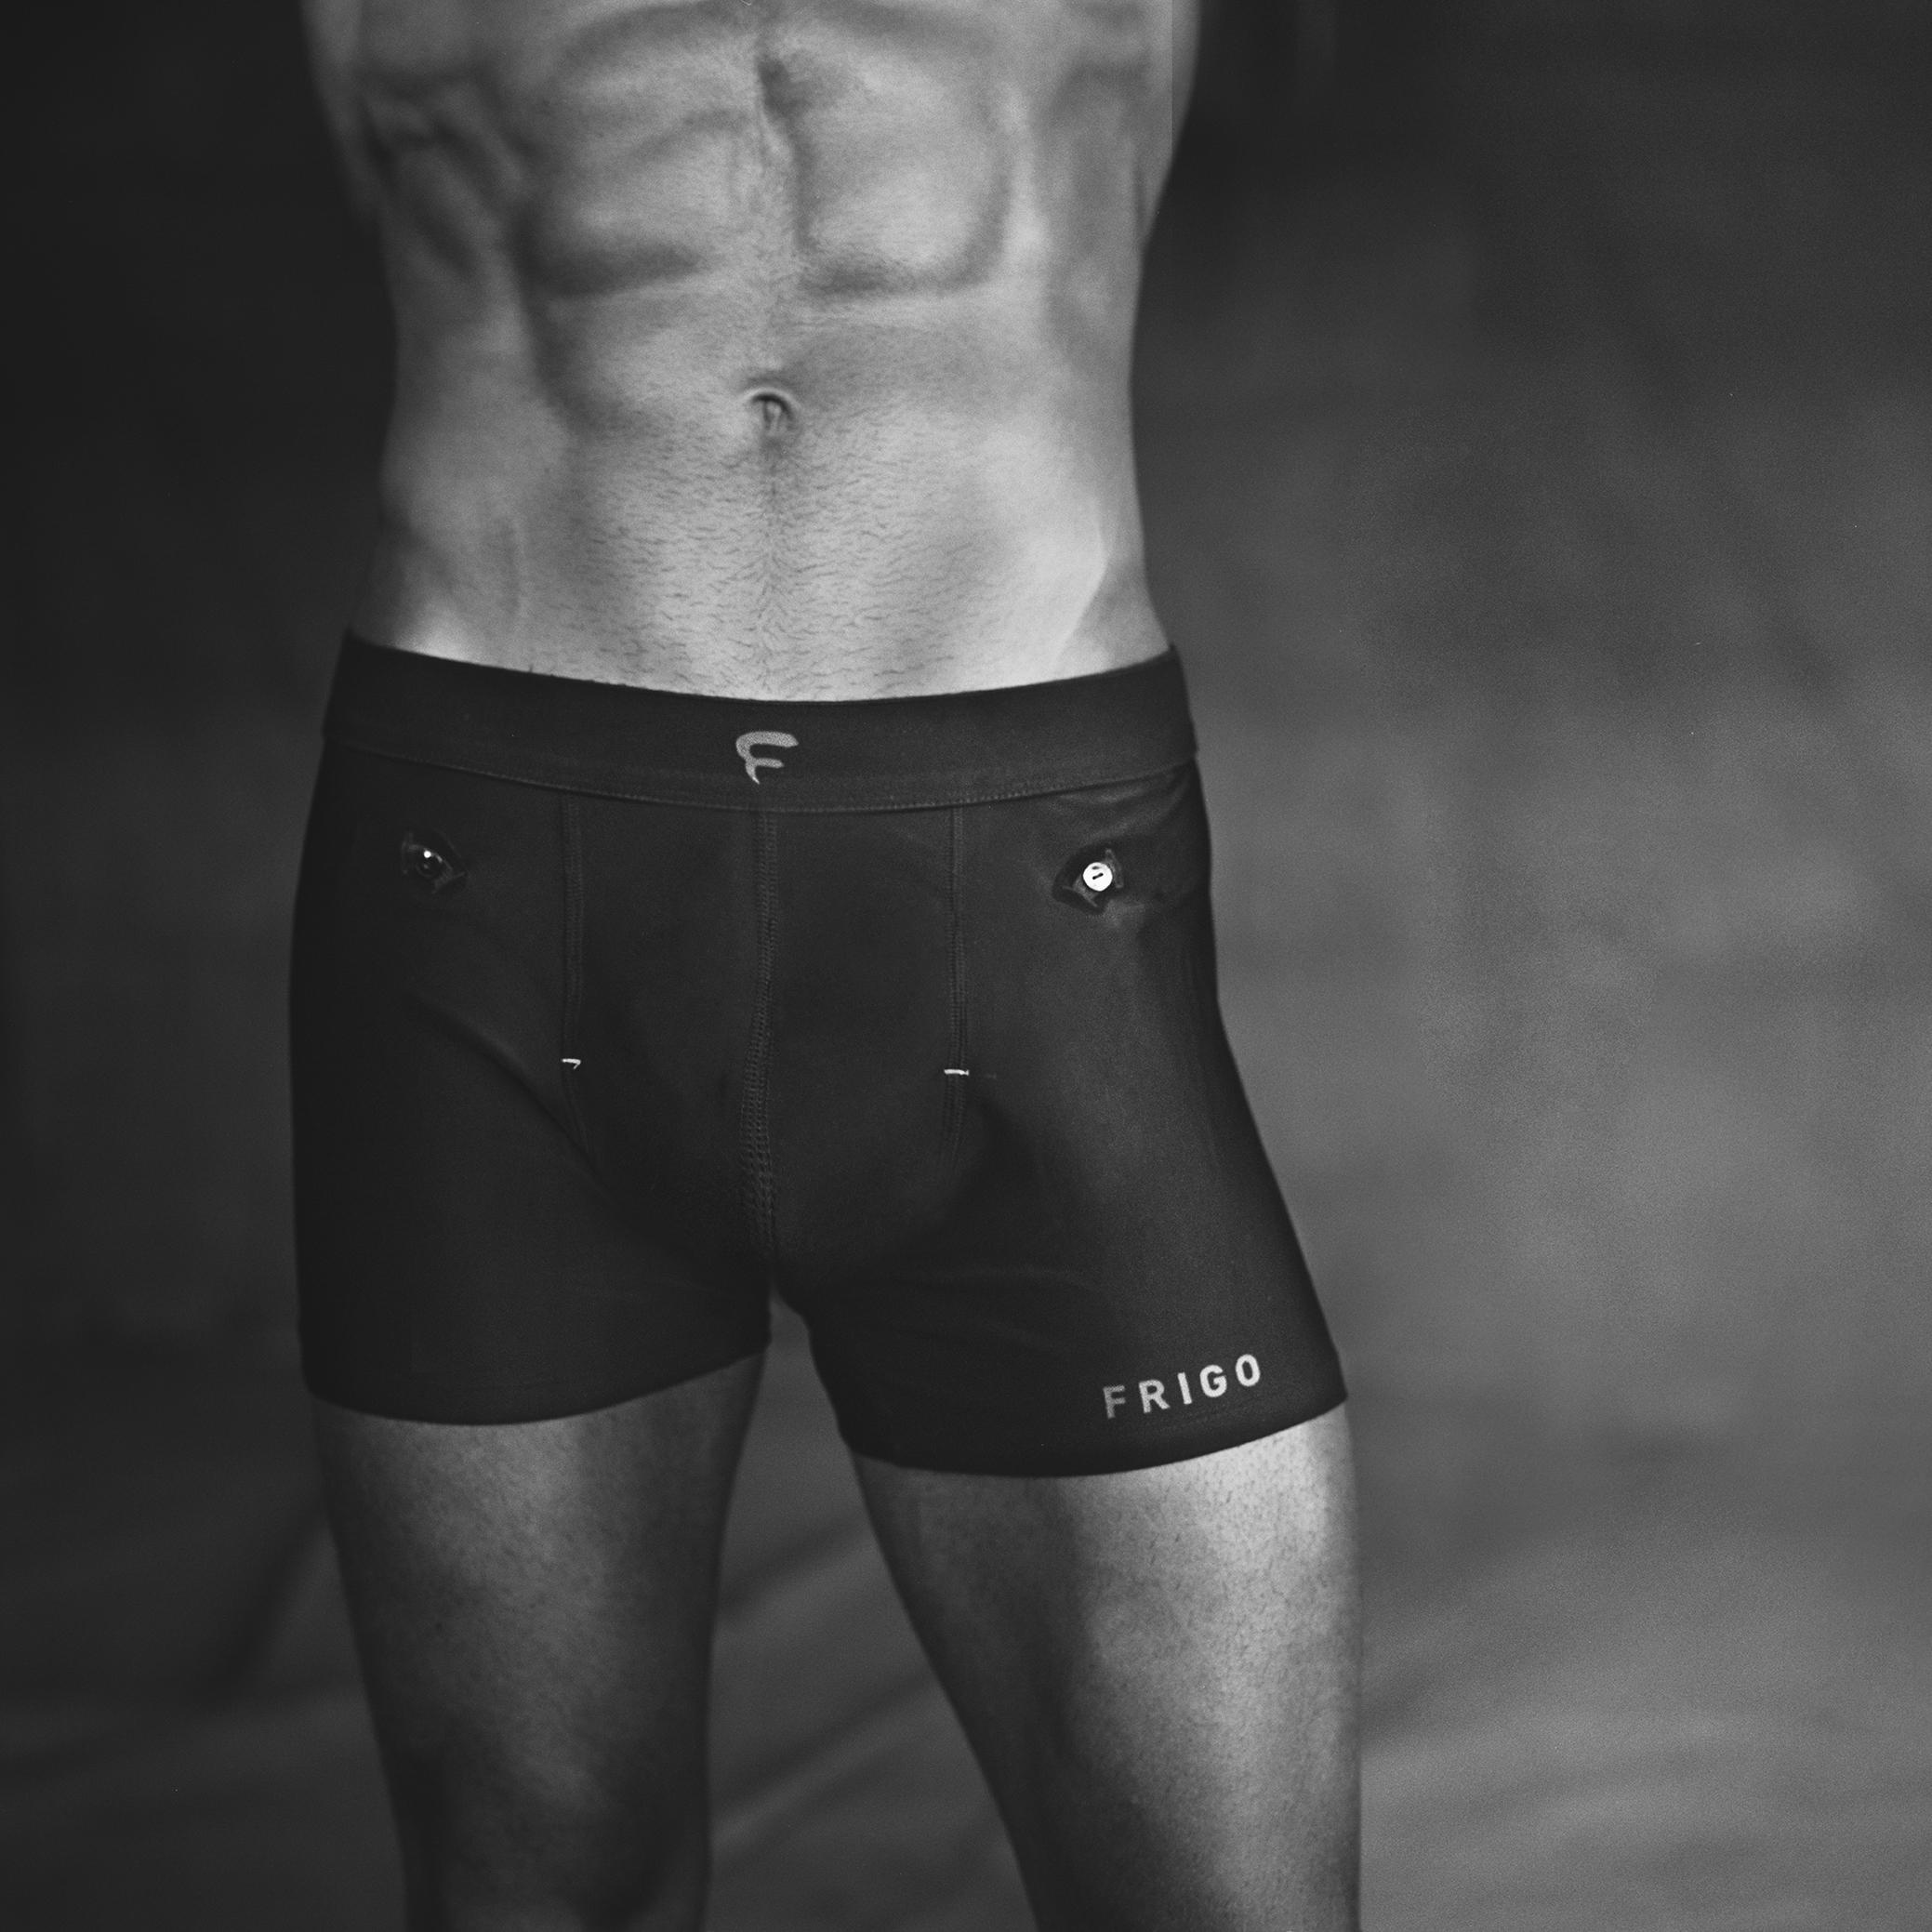 Frigo underwear